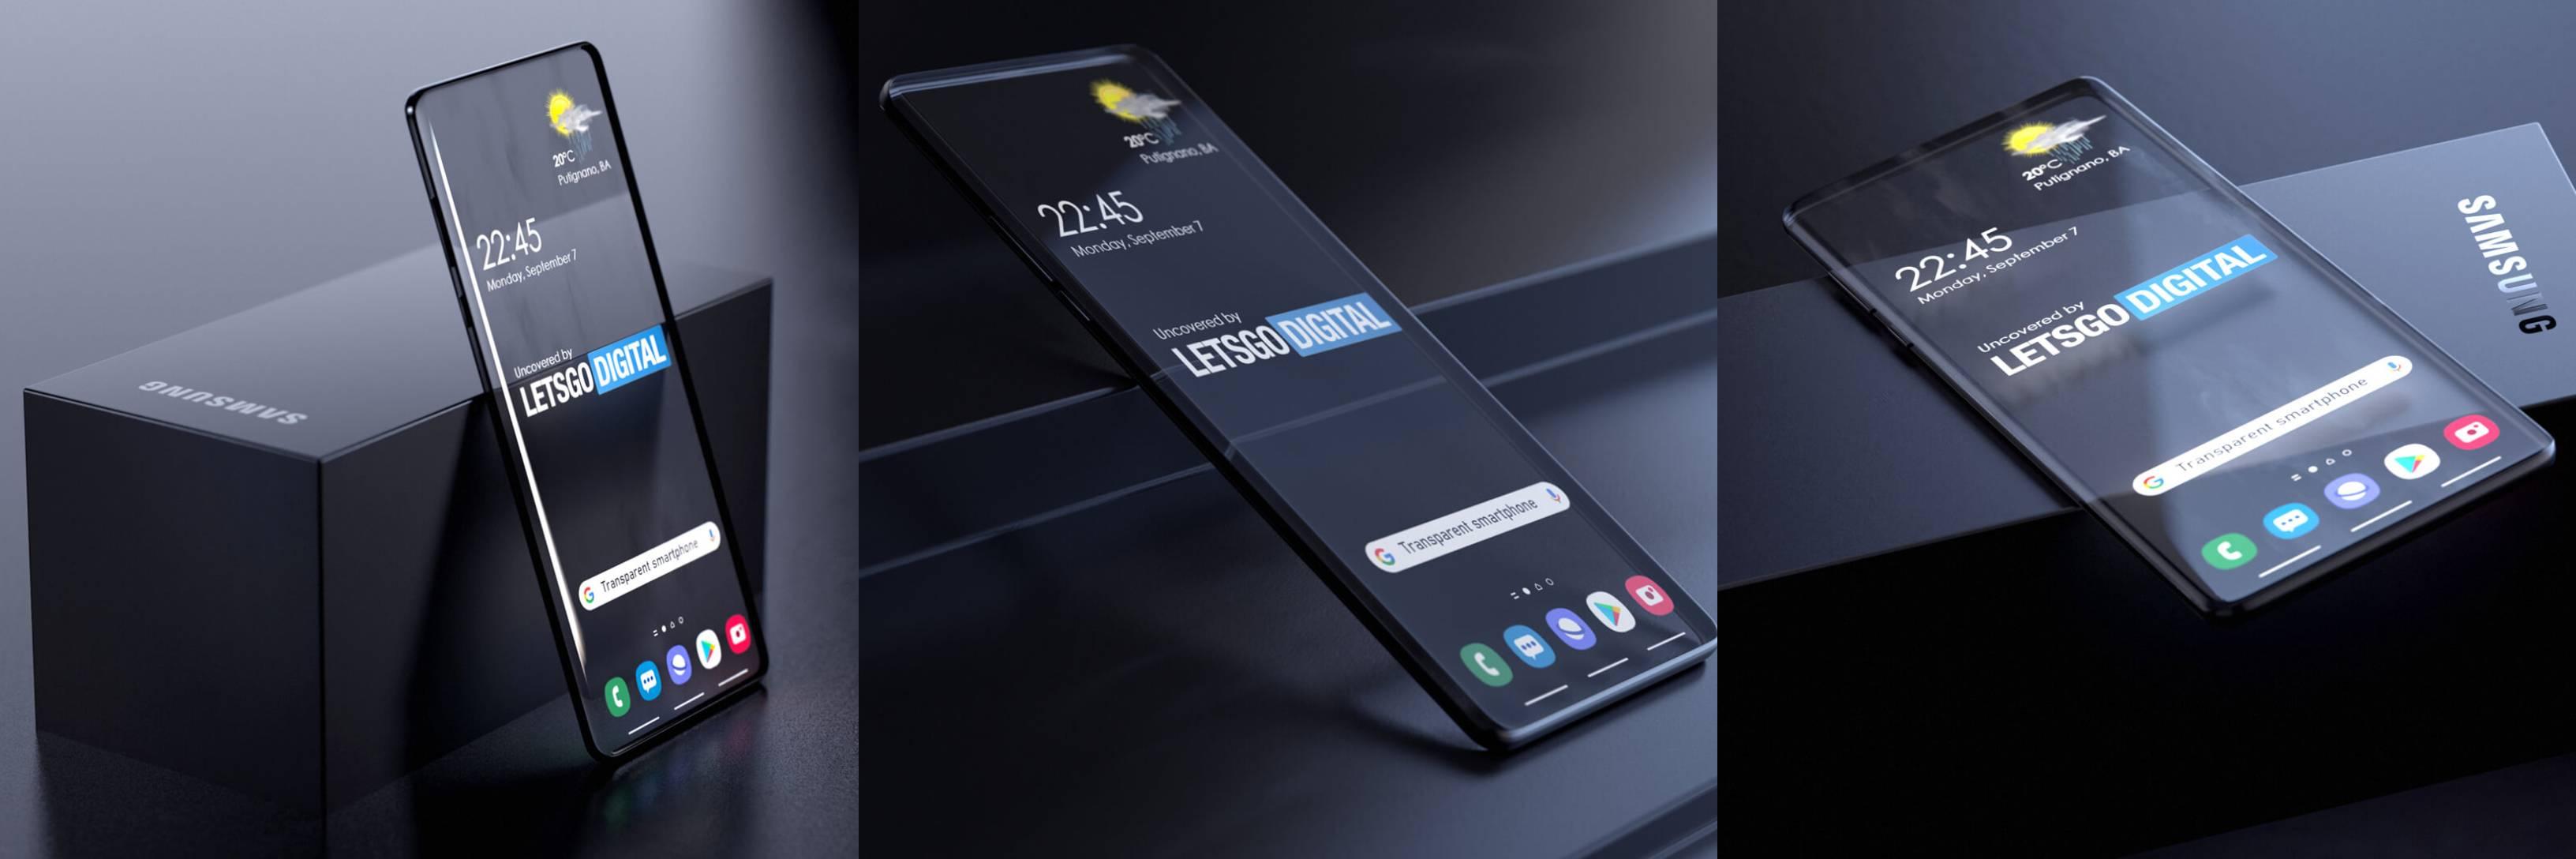 Samsung patenta un smartphone transparente y la idea es brutal